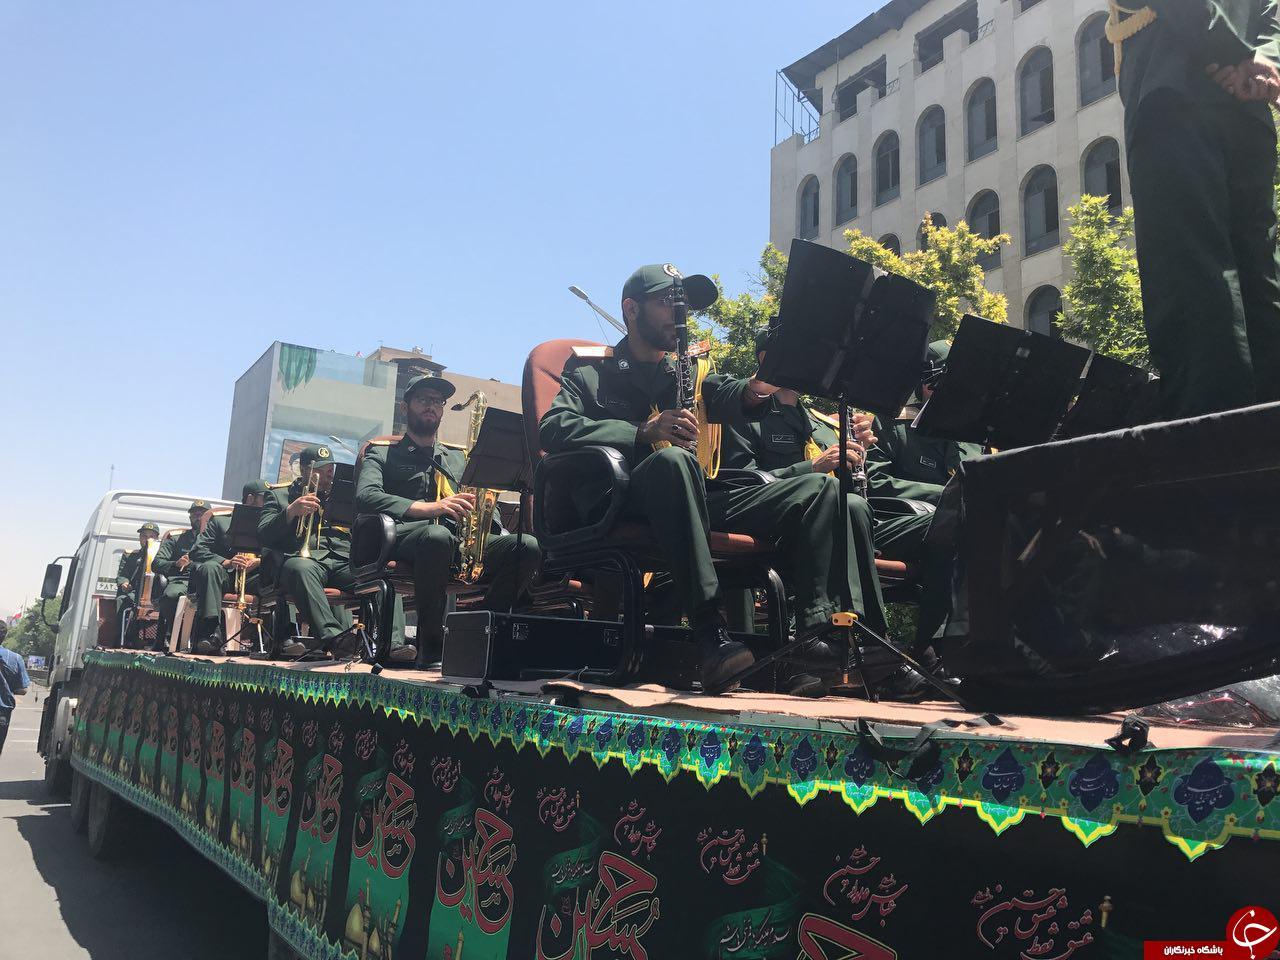 پیکر شهدای حوادث تروریستی تهران واردخیابان انقلاب شد/حضور باشکوه مردم در مراسم+تصاویر